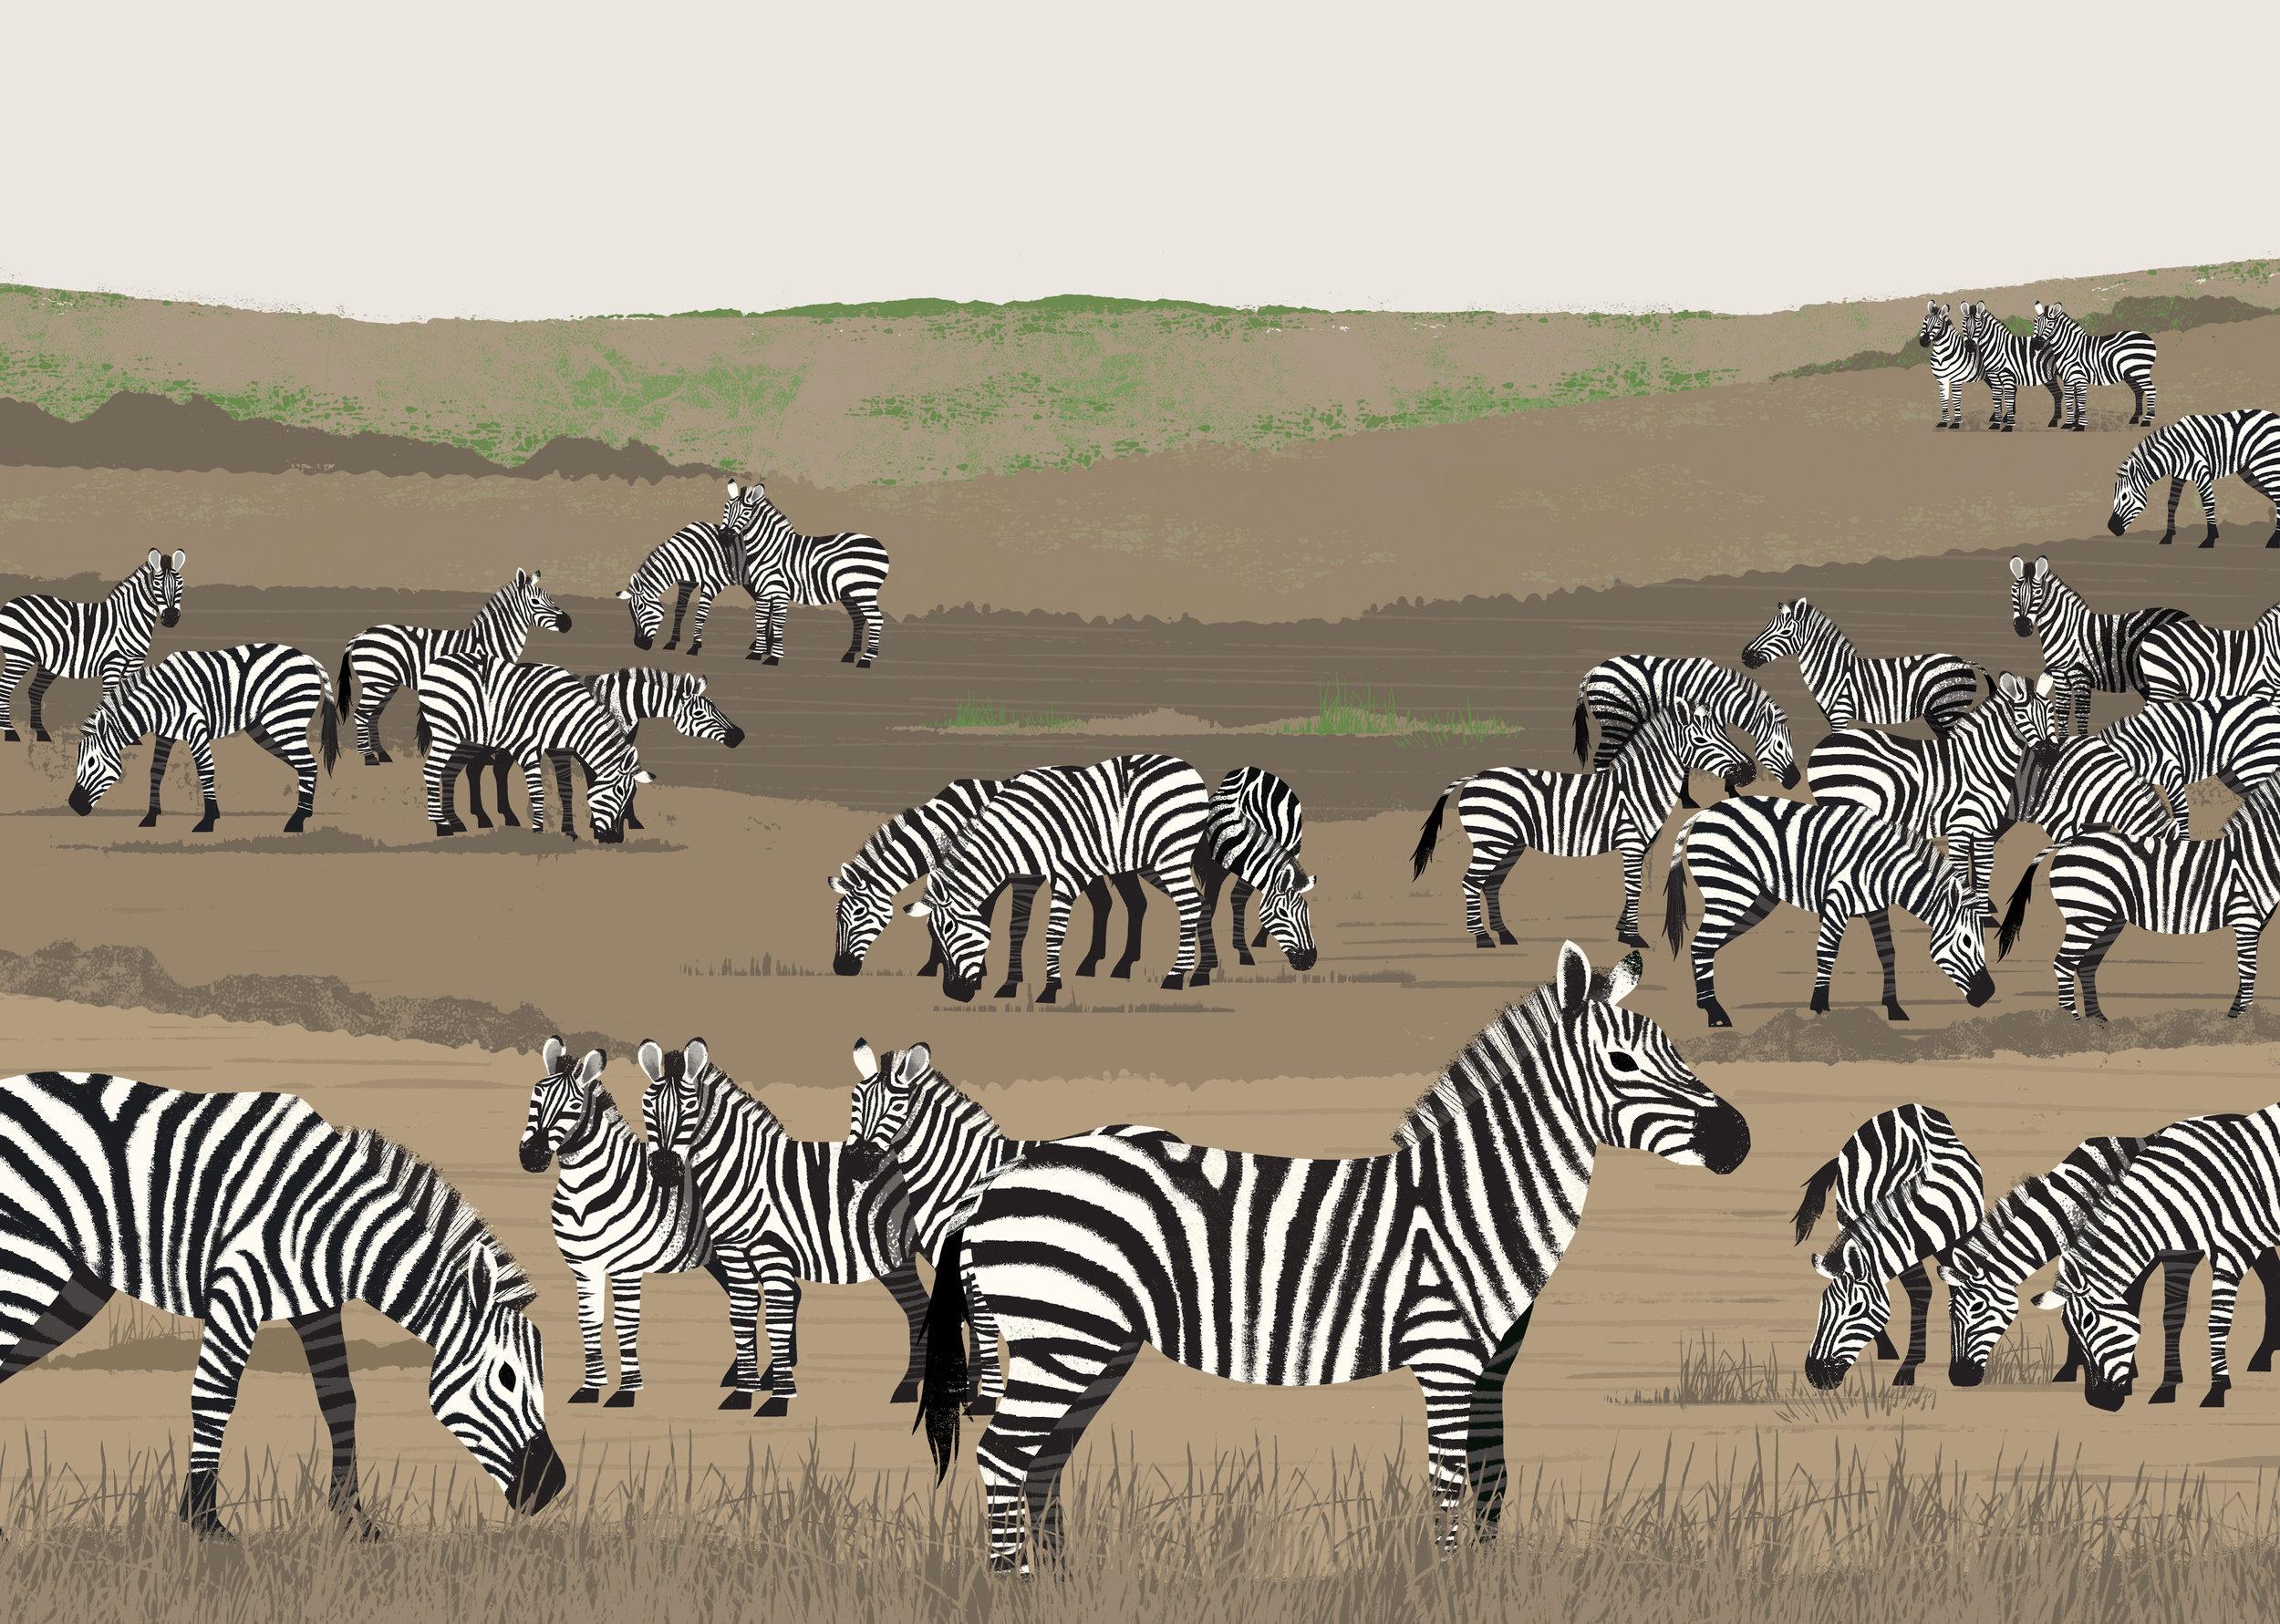 Zebra-spread.jpg